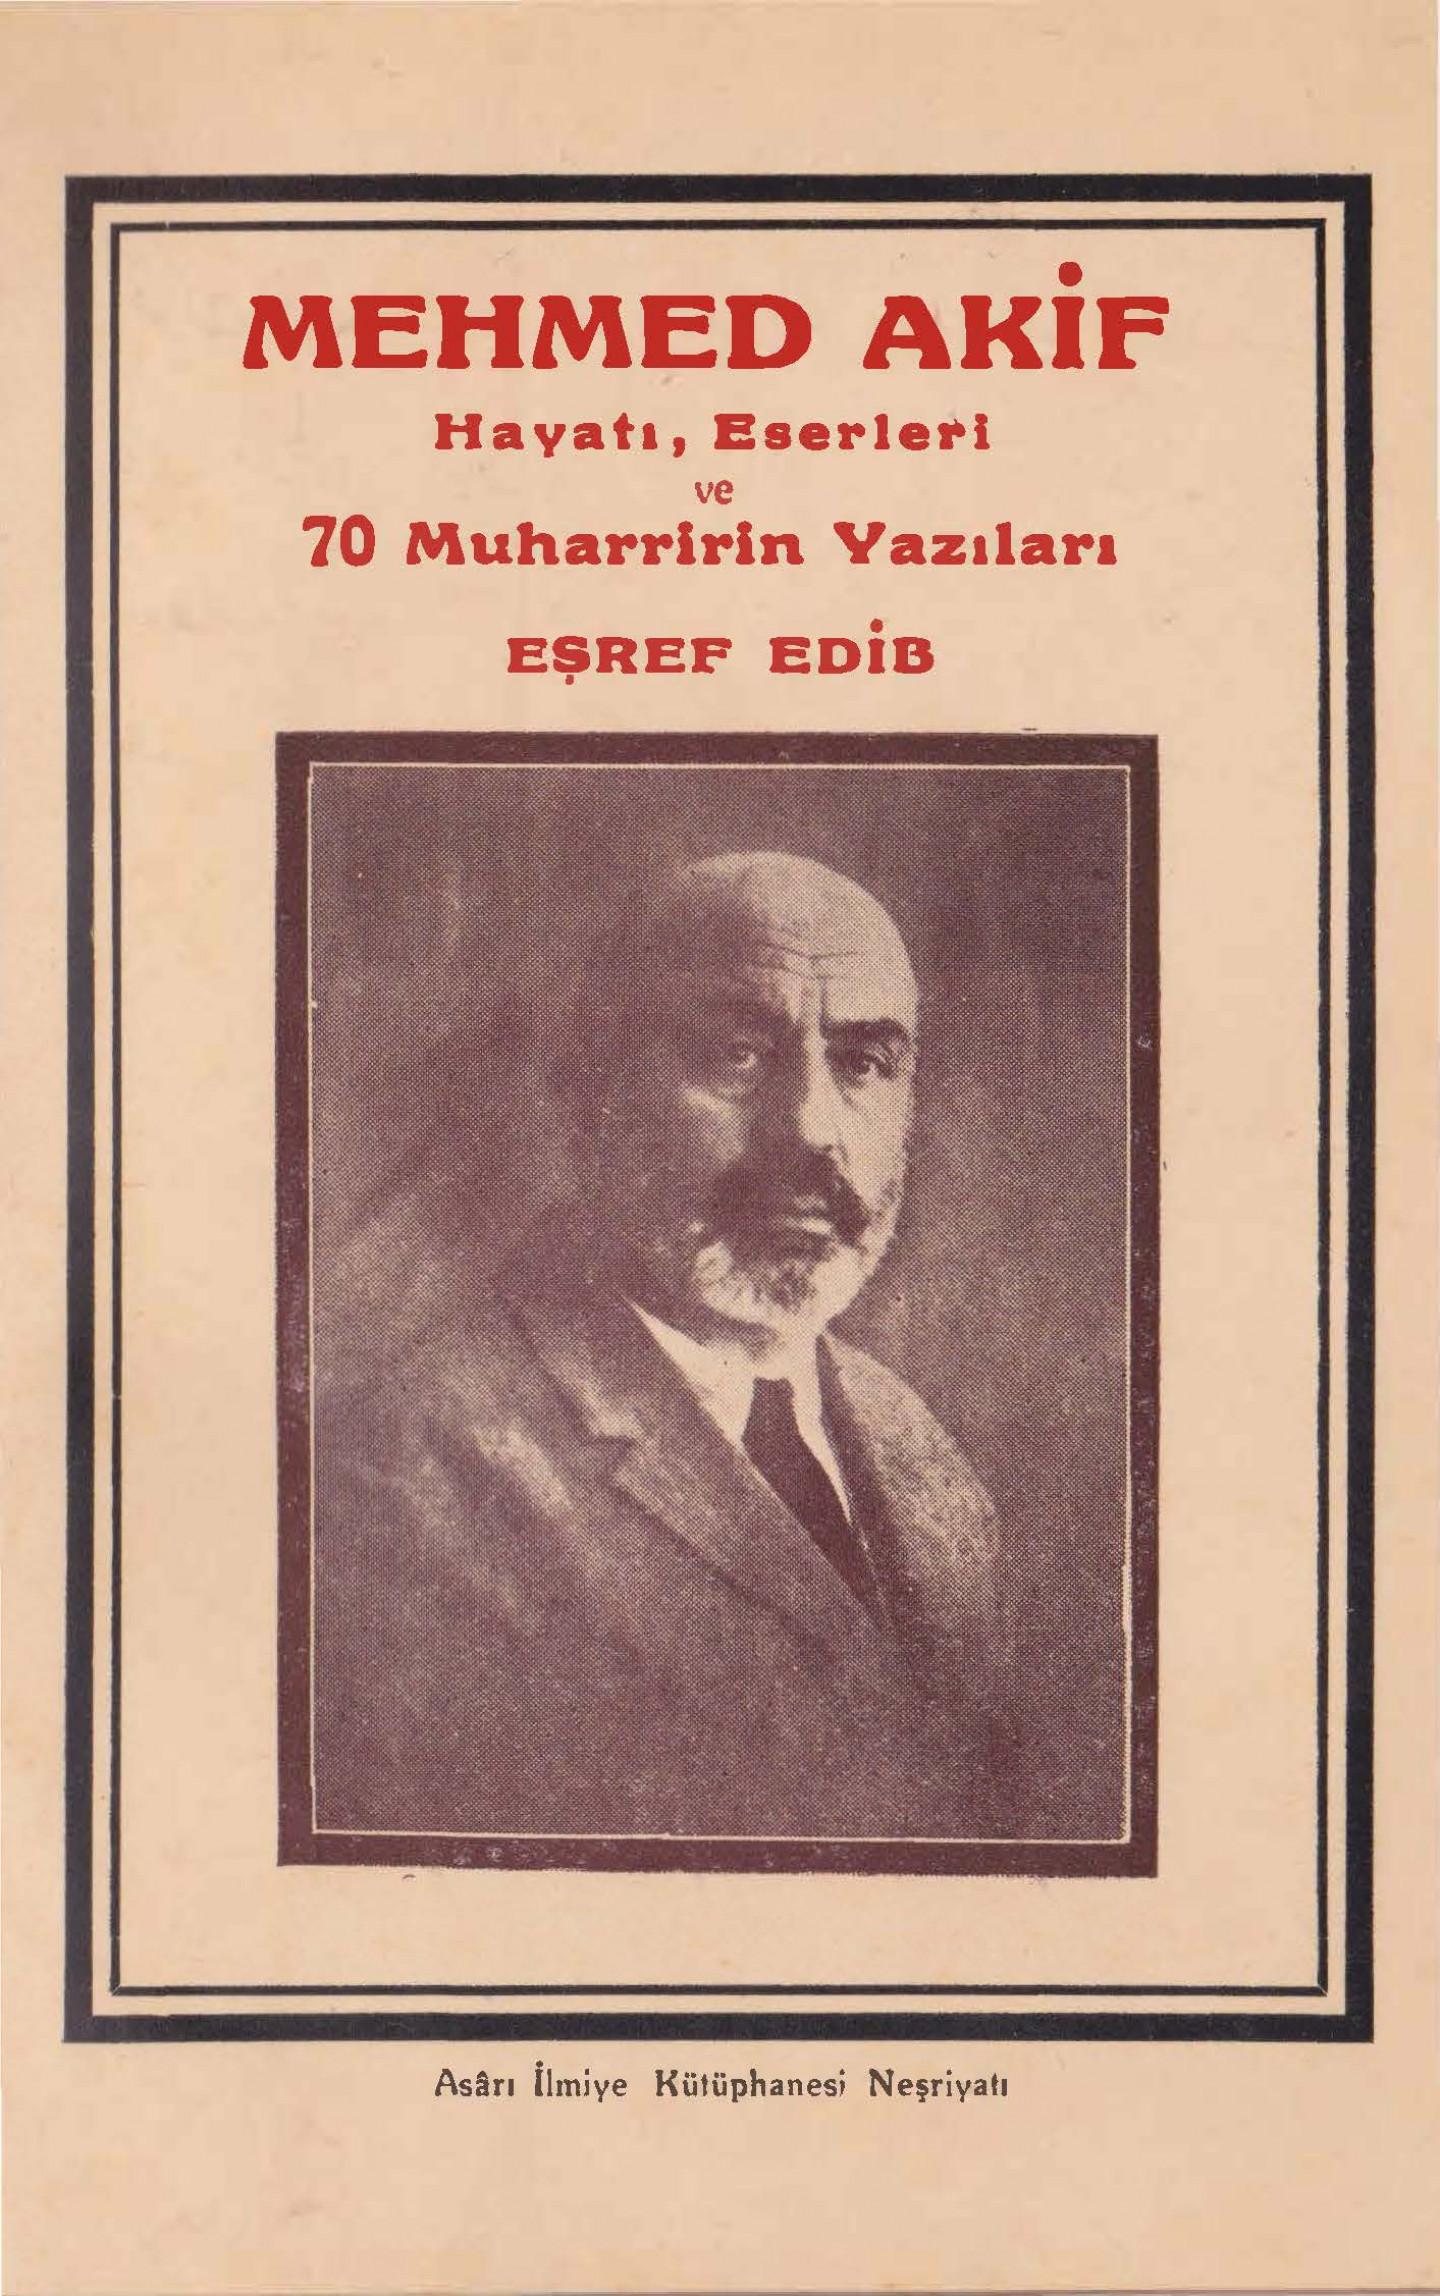 Mehmed Akif - Hayatı, eserleri ve 70 muharririn yazıları kitap kapağı, Eşref Edib